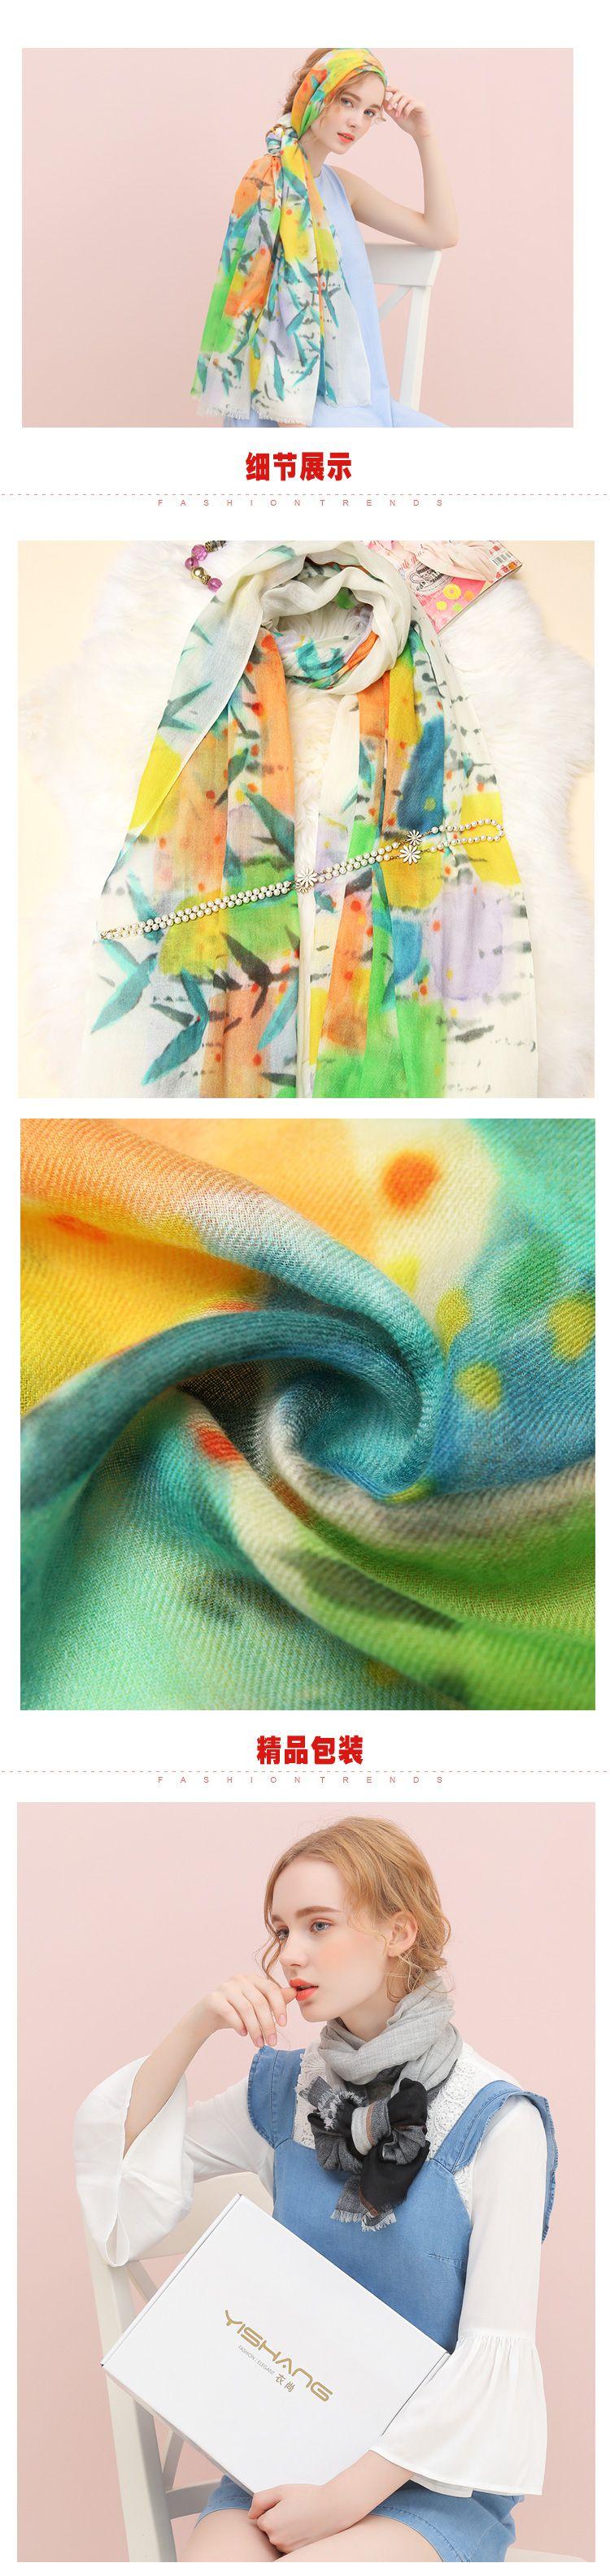 衣尚 彩色水墨画竹子图案羊绒保暖围巾